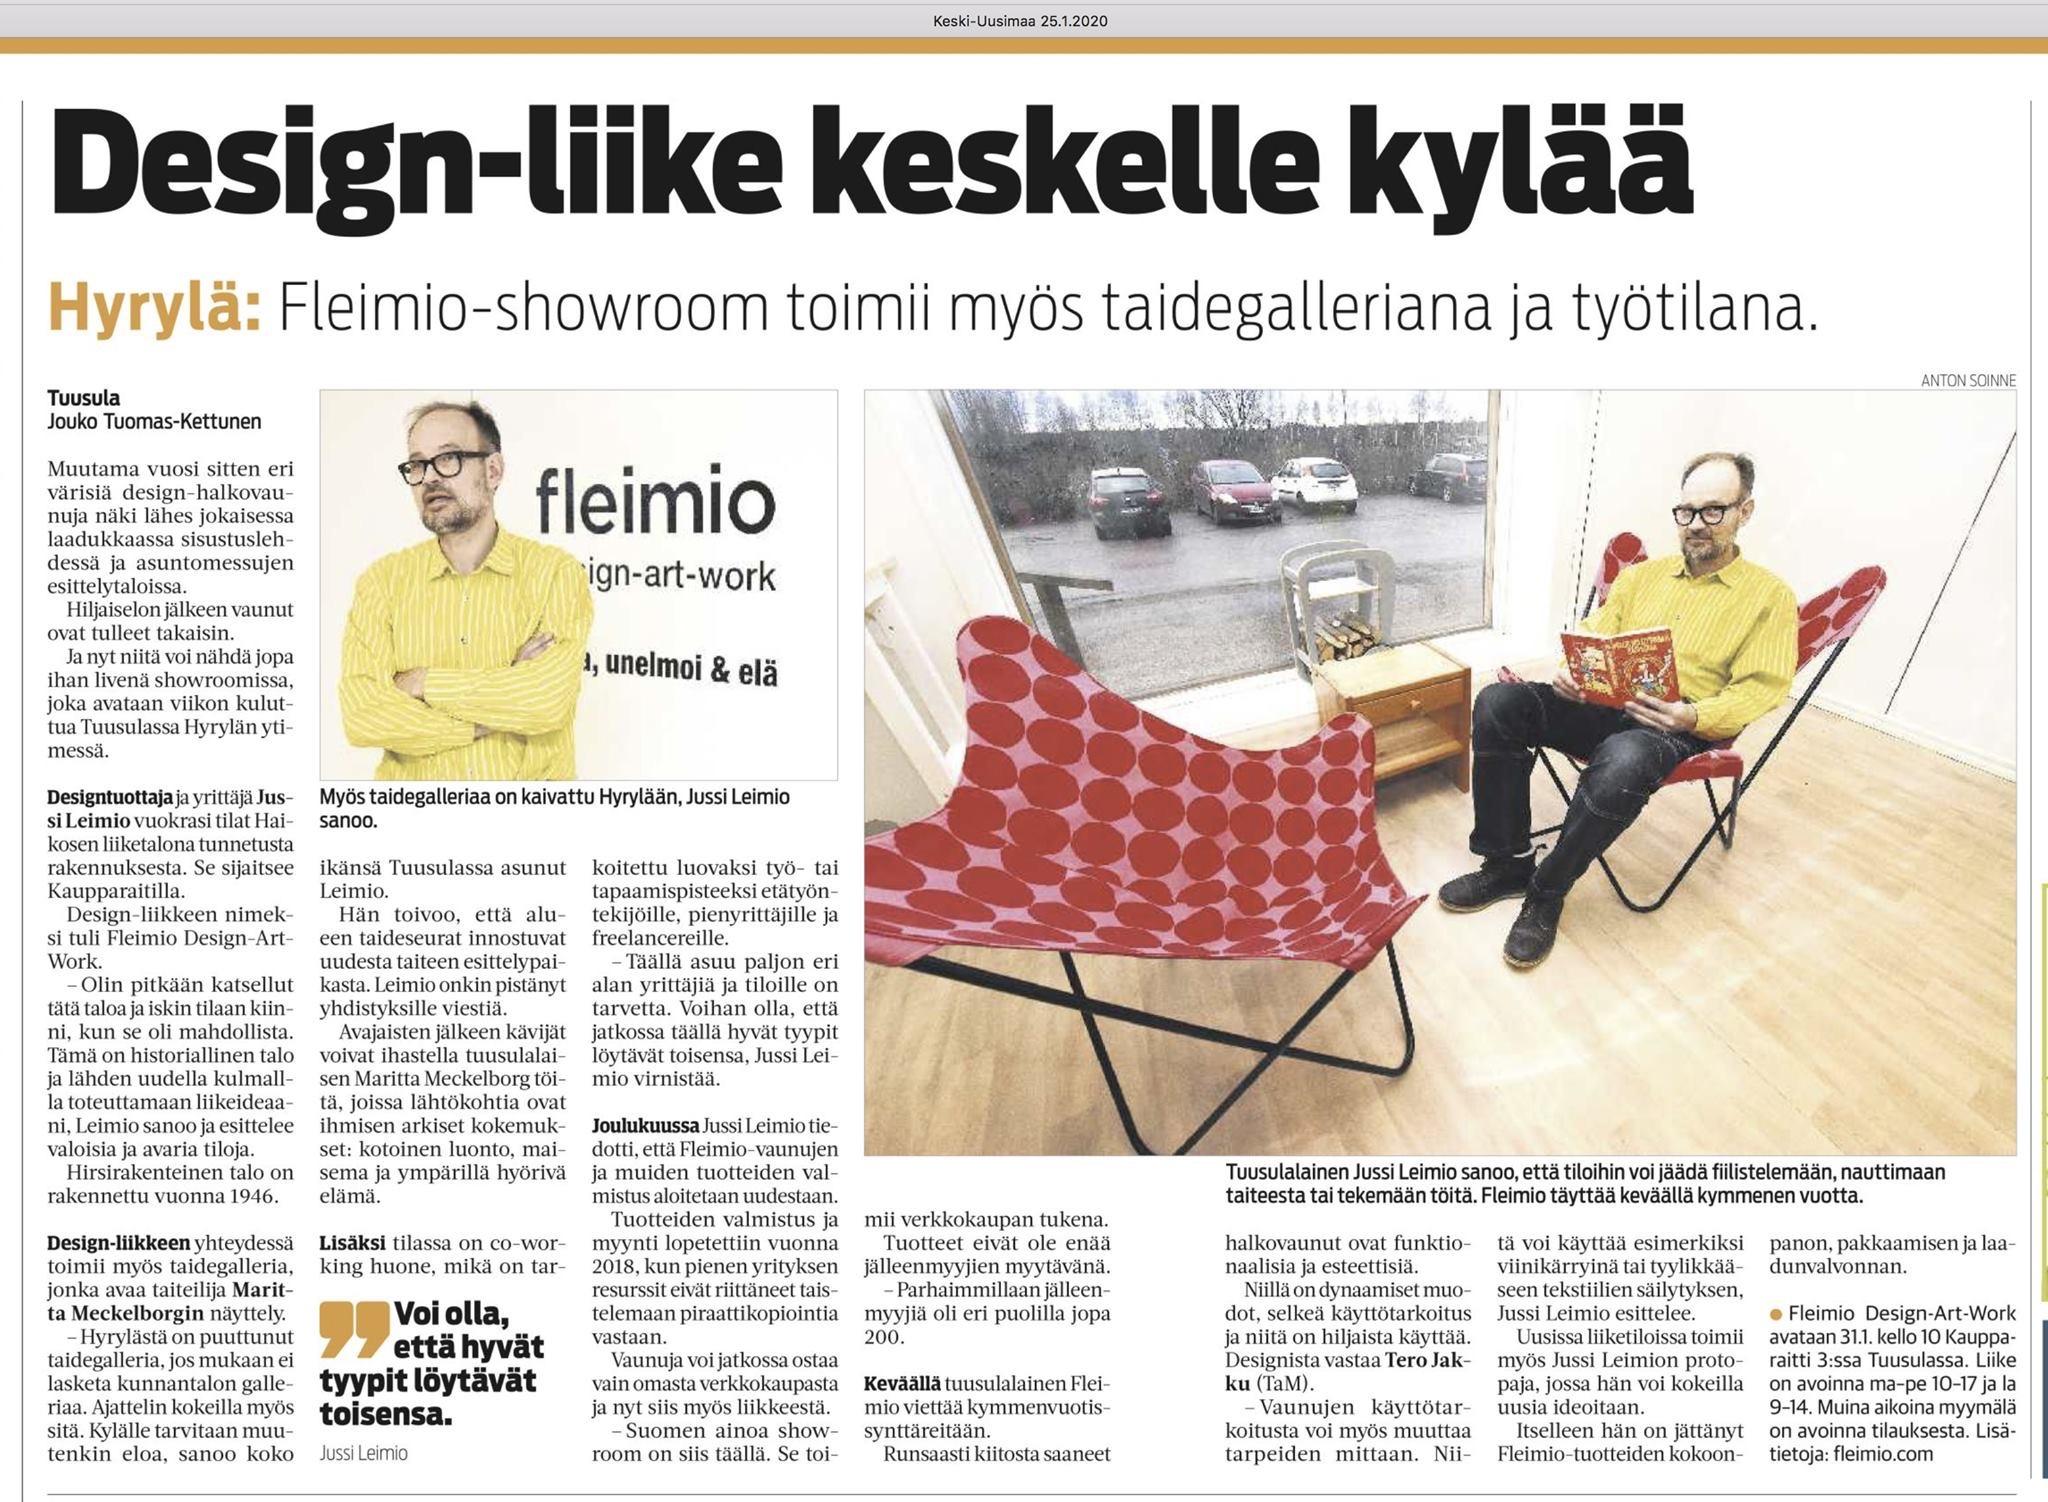 Keski-Uusimaa design-liike keskelle kylää s 16-17 25012020